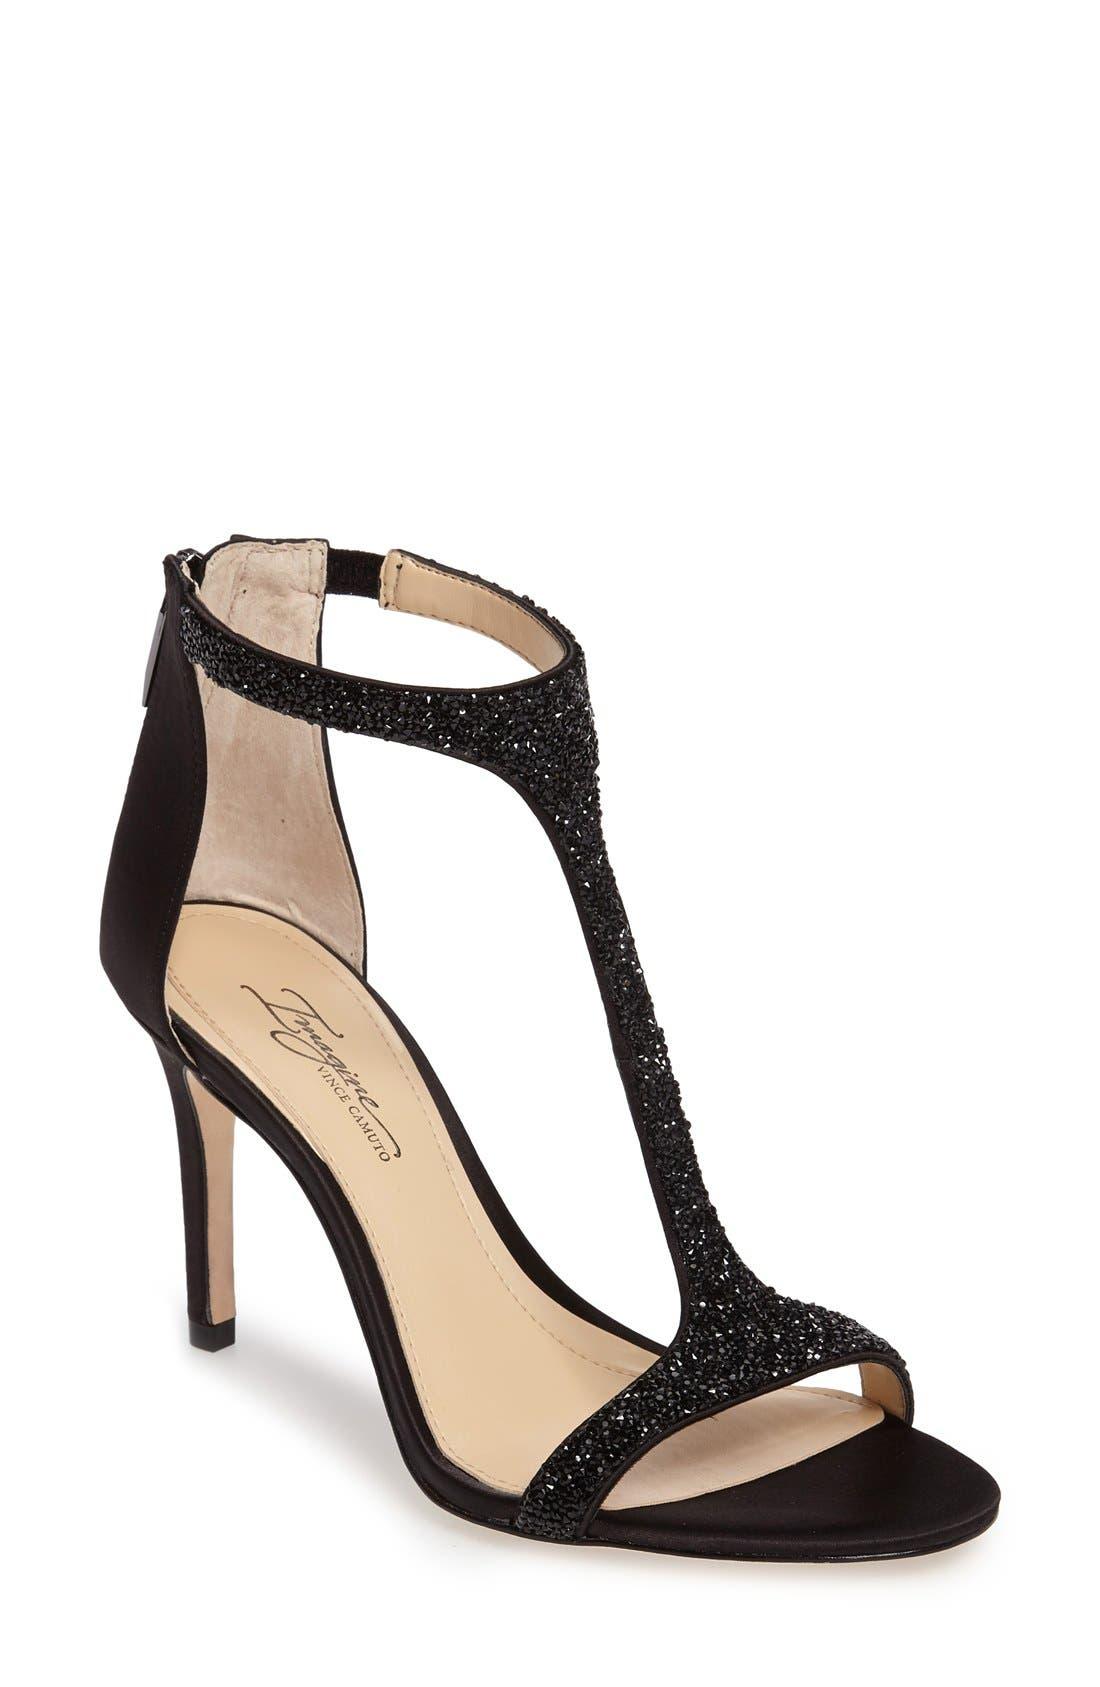 'Phoebe' Embellished T-Strap Sandal,                         Main,                         color, Black Satin